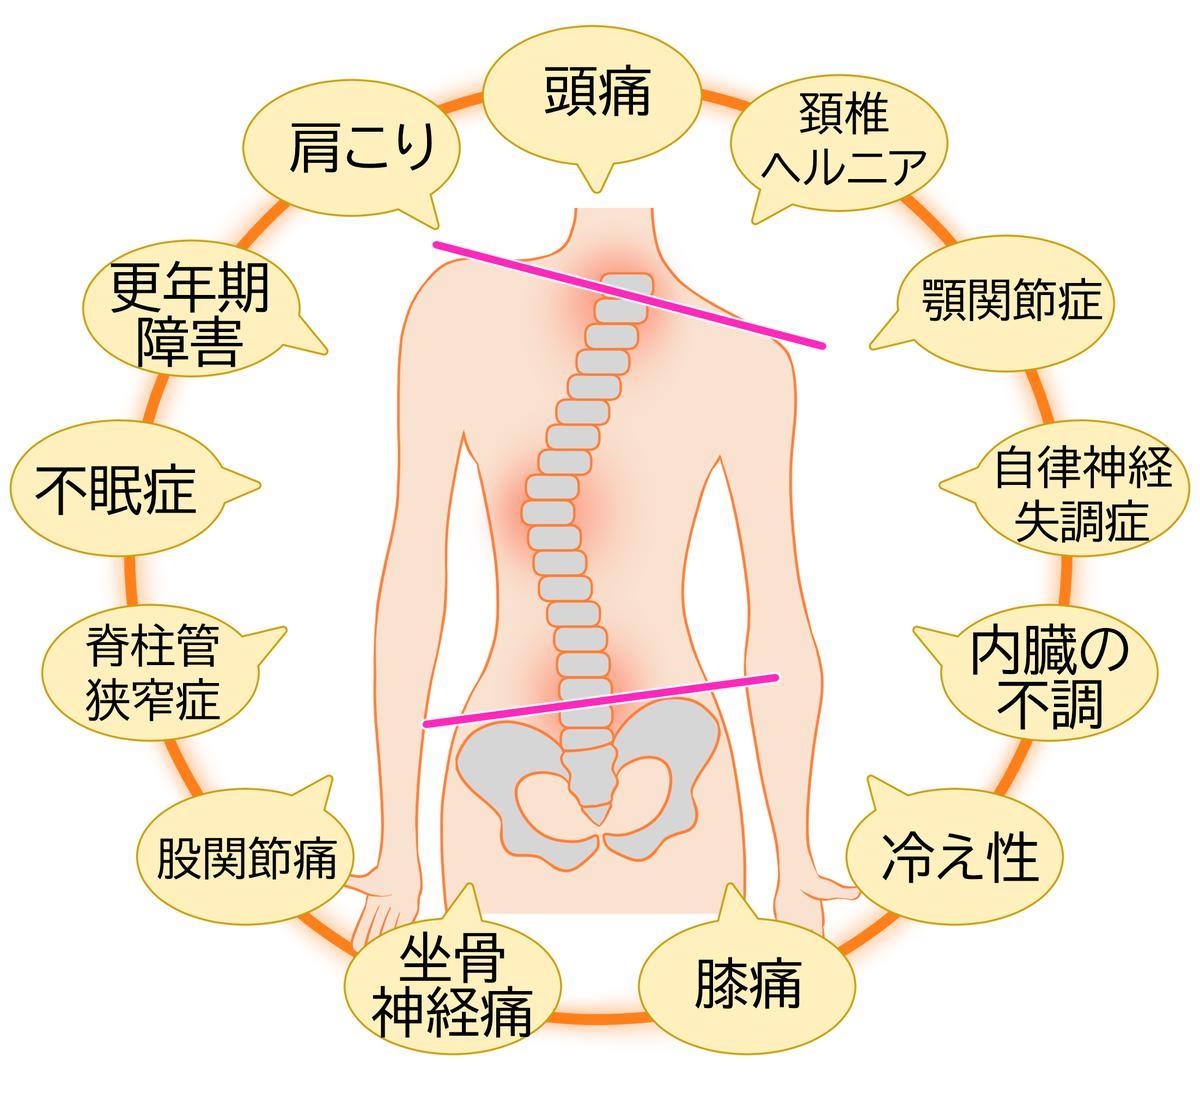 お体の歪みをセルフチェックする方法